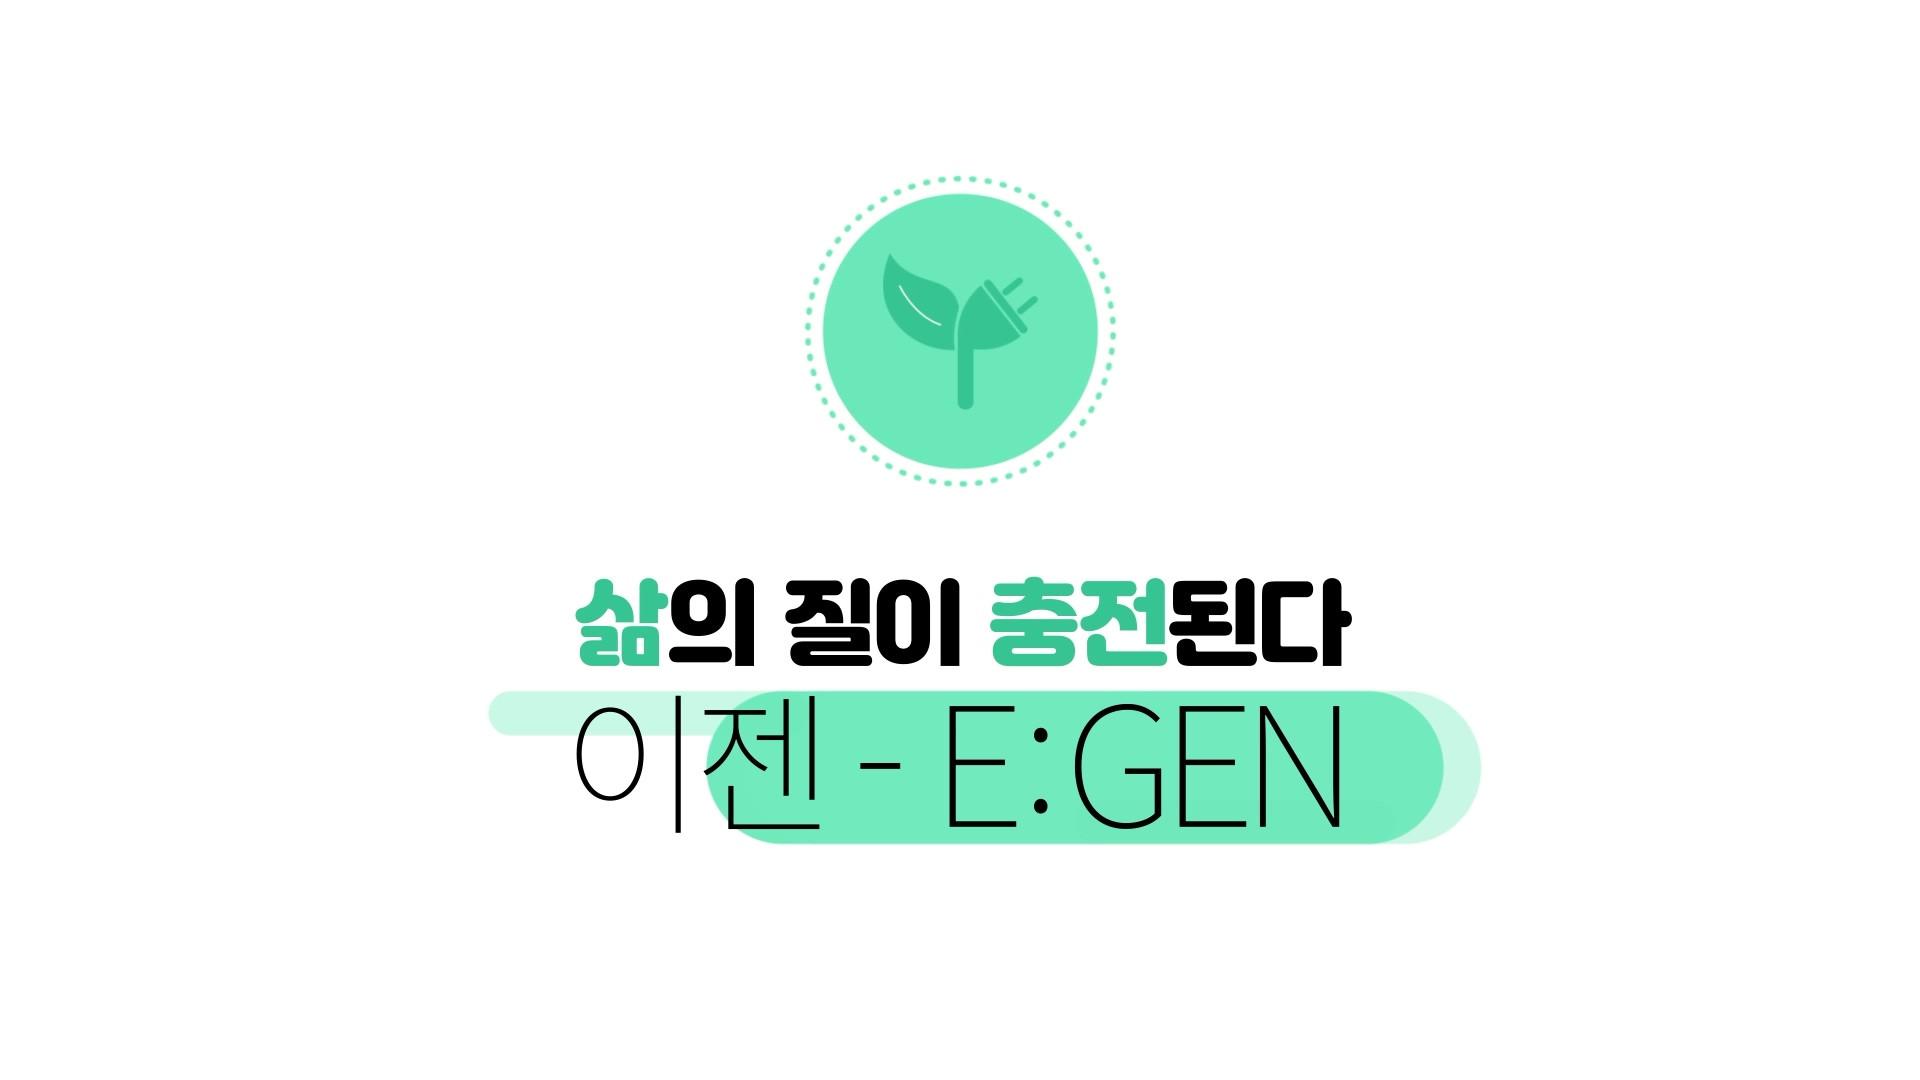 EGEN_200116_002.mp4_20200117_144651.049.